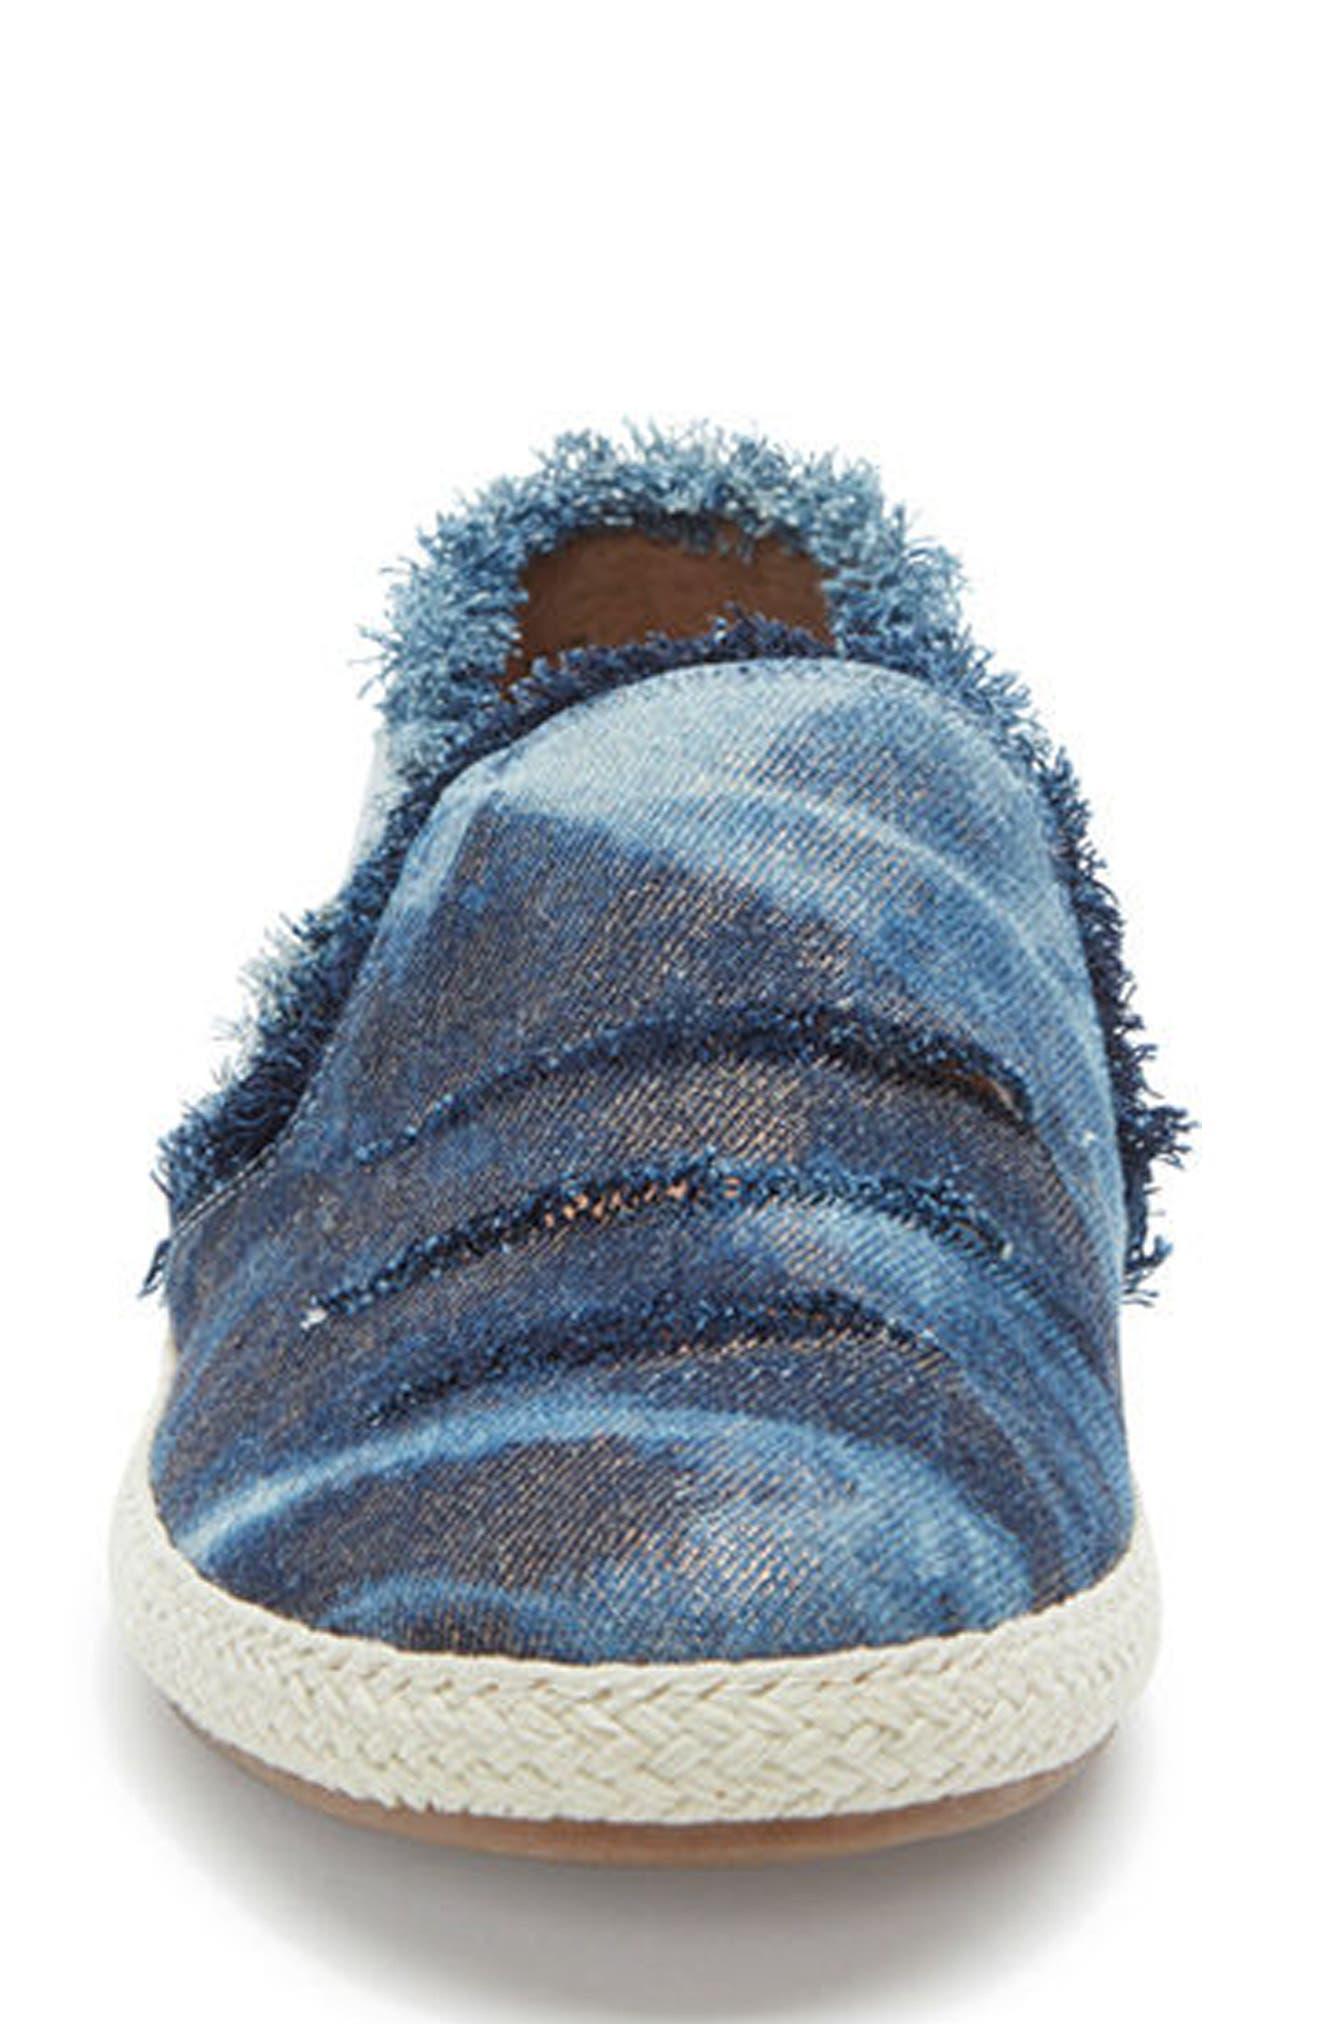 Adam Tucker Marin Slip-On Sneaker,                             Alternate thumbnail 4, color,                             Blue Champagne Denim Fabric